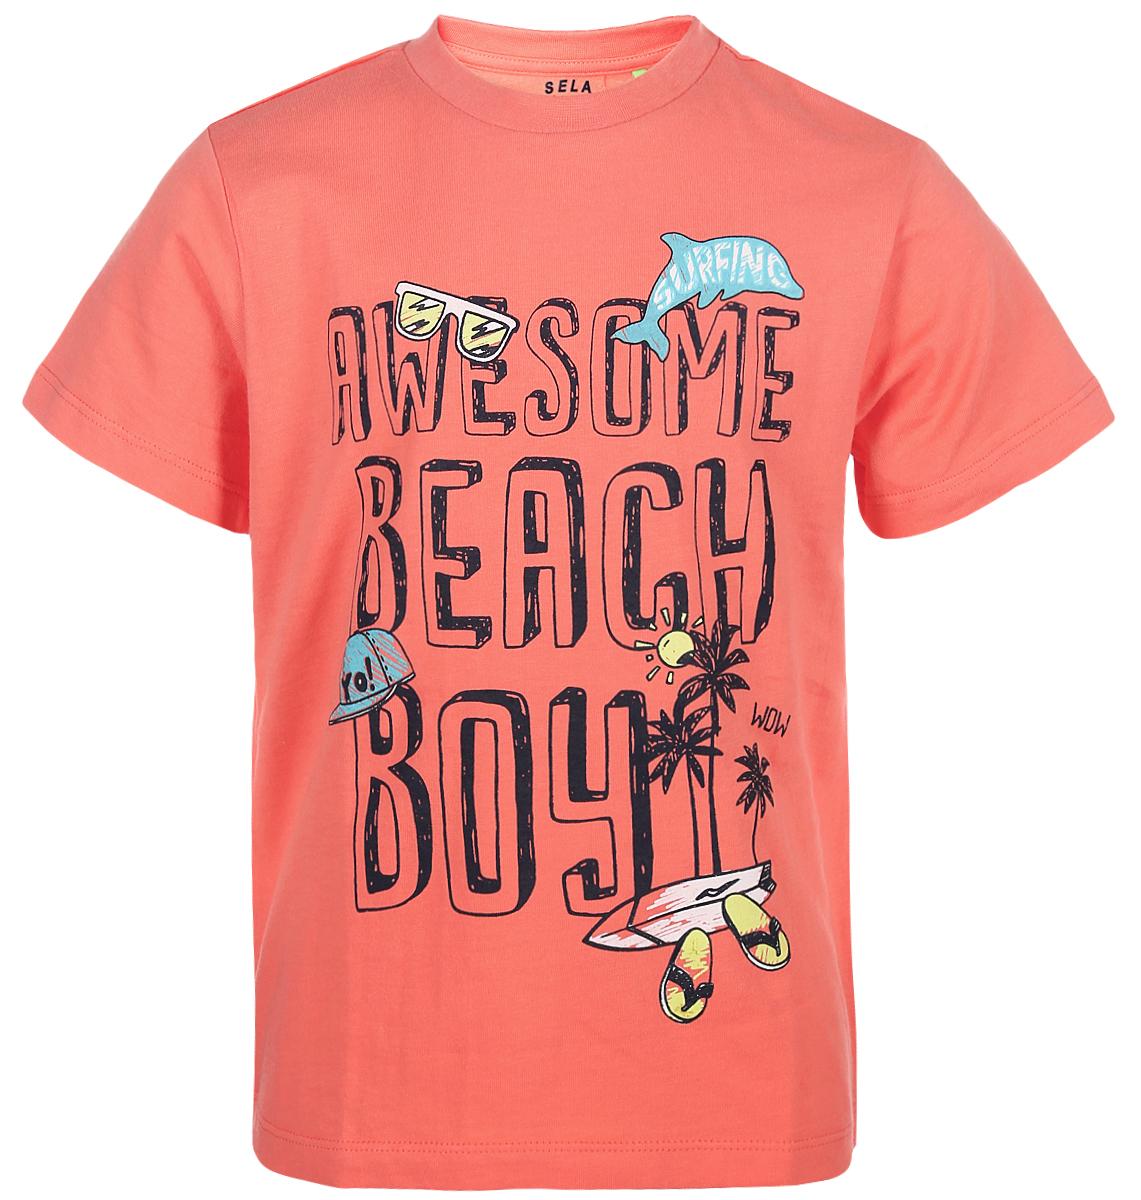 Футболка для мальчика Sela, цвет: коралловый. Ts-711/562-8234. Размер 116 футболка для мальчика sela цвет белый ts 711 567 8234 размер 116 6 лет